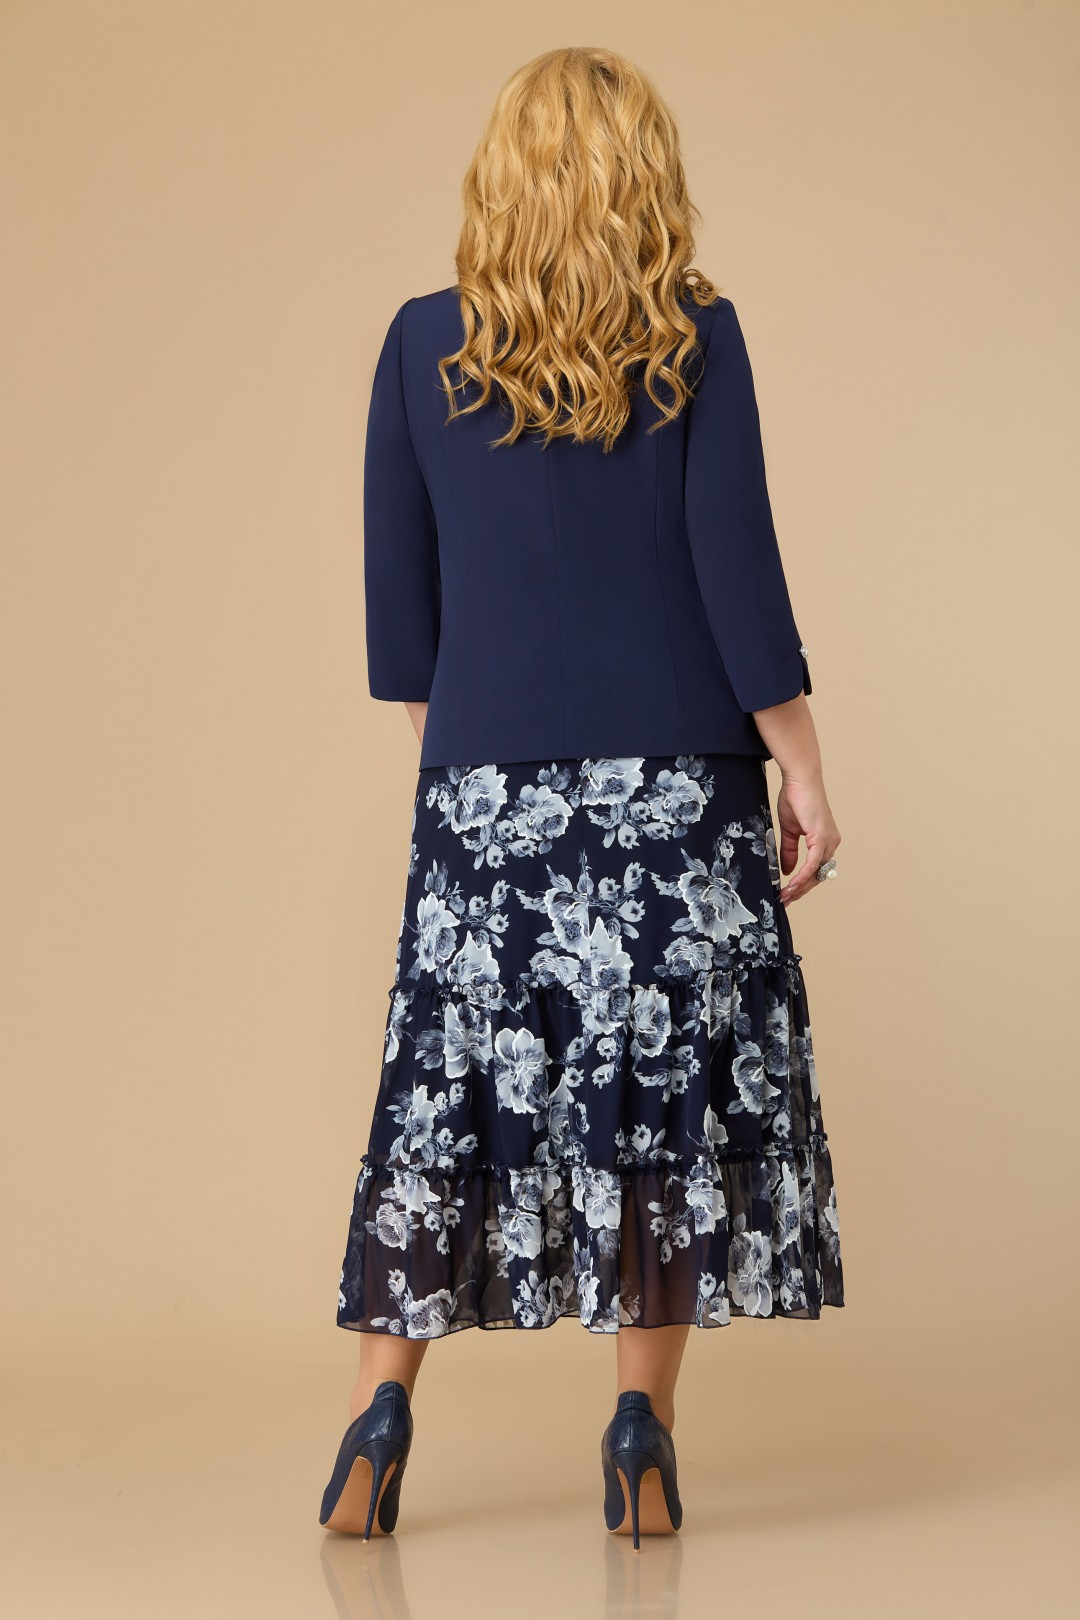 Комплект Светлана-Стиль 1702 синий+цветы